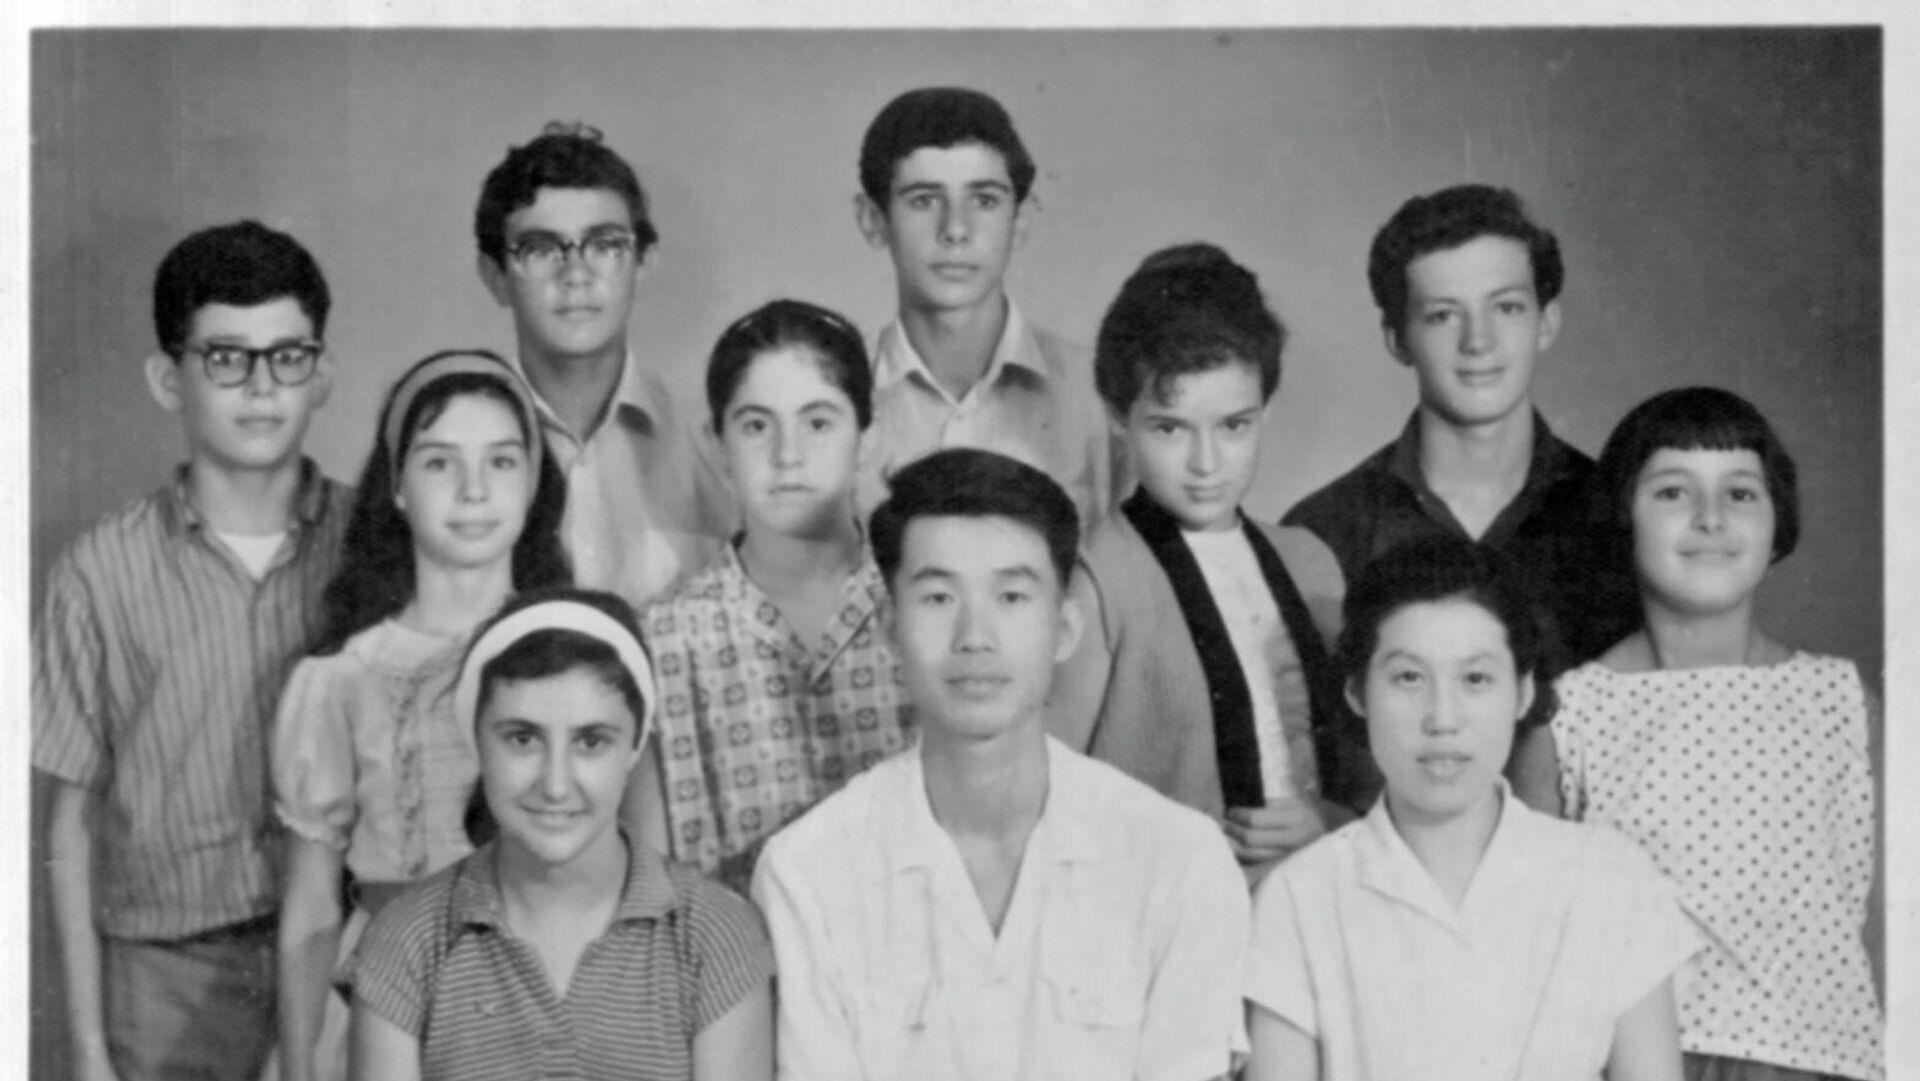 Sergio Cabrera y su familia, en una imagen durante sus años en China - Sputnik Mundo, 1920, 04.06.2021